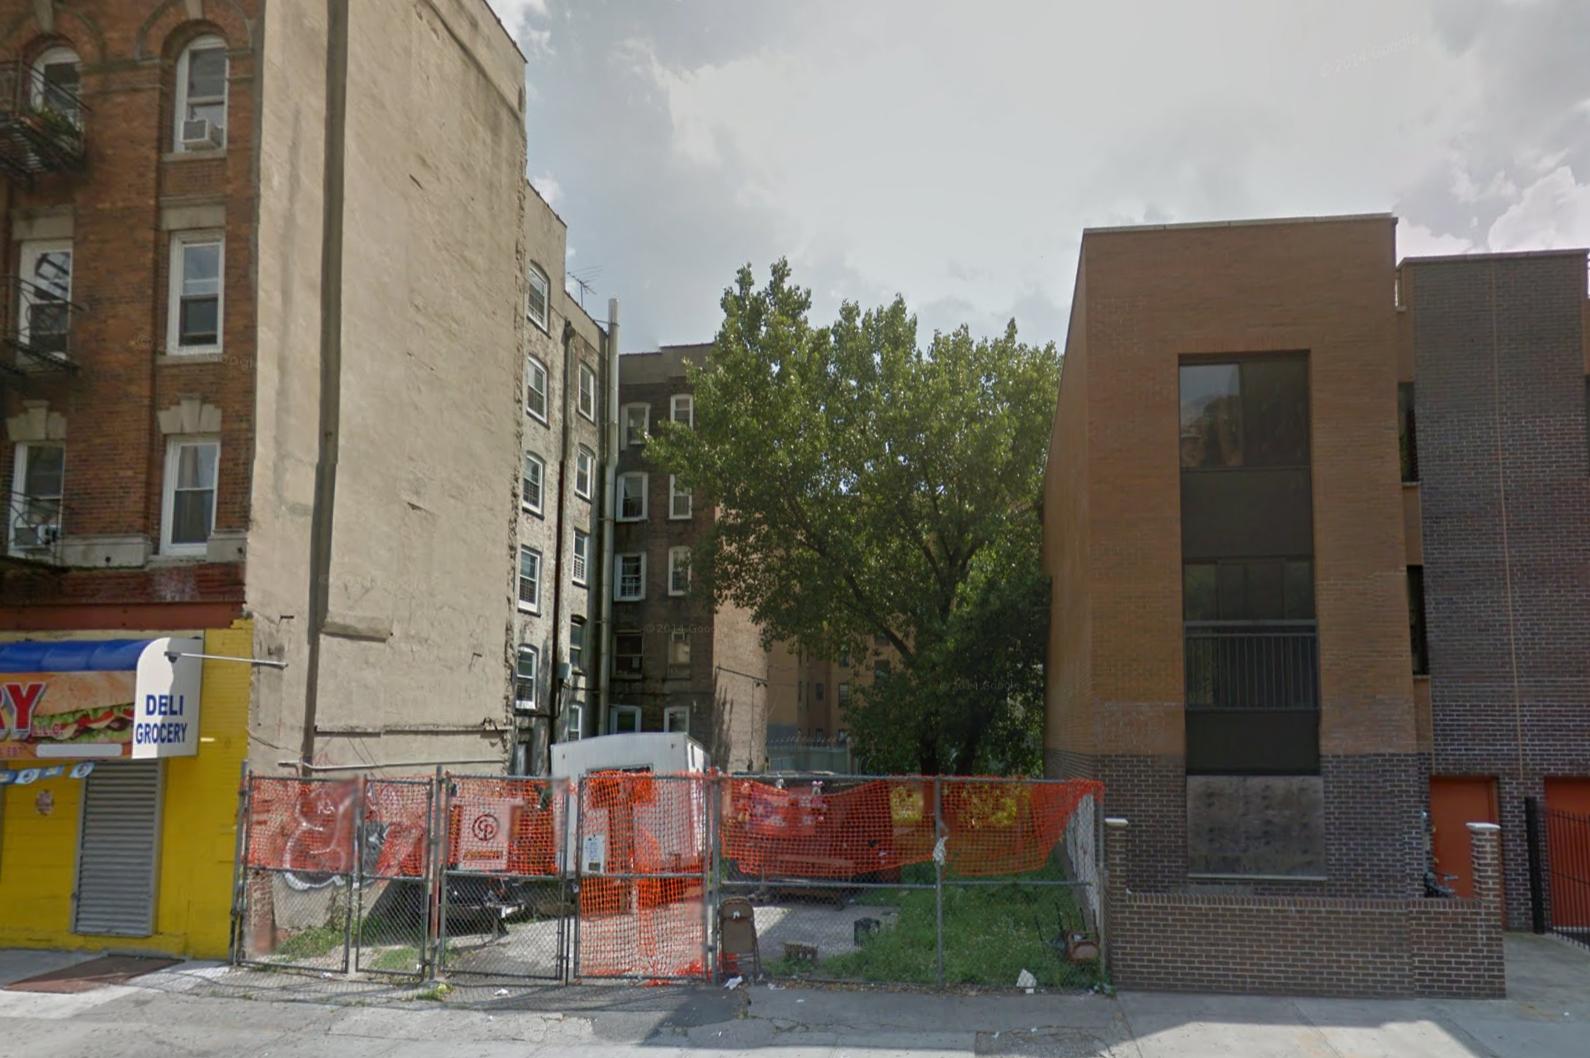 764 East 152nd Street, image via Google Maps